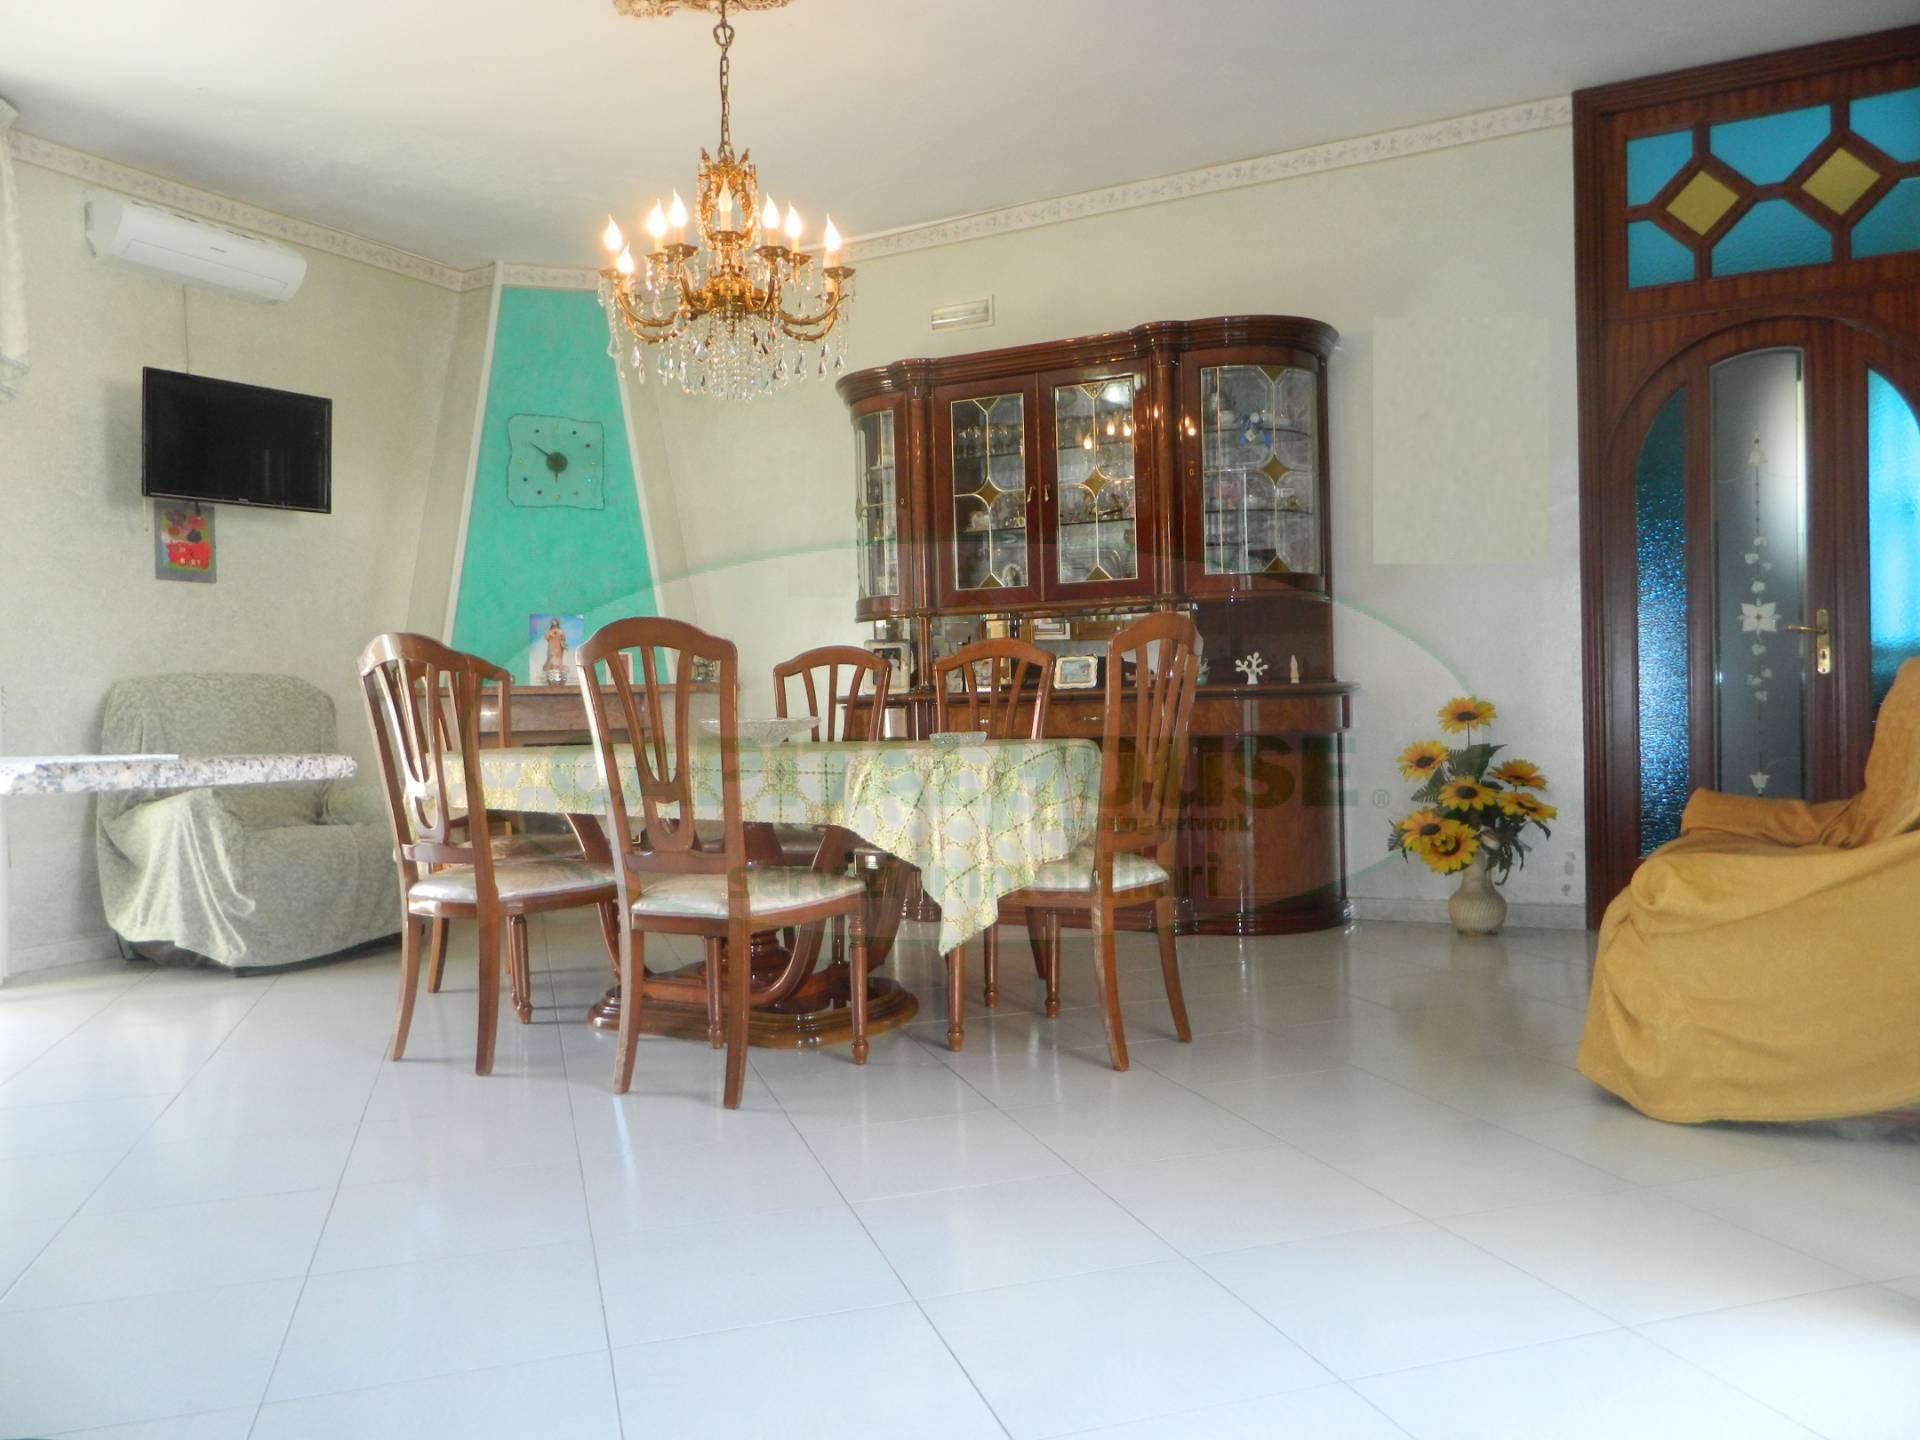 Appartamento in vendita a Afragola, 3 locali, zona Località: ZonaAmendola, prezzo € 155.000 | CambioCasa.it